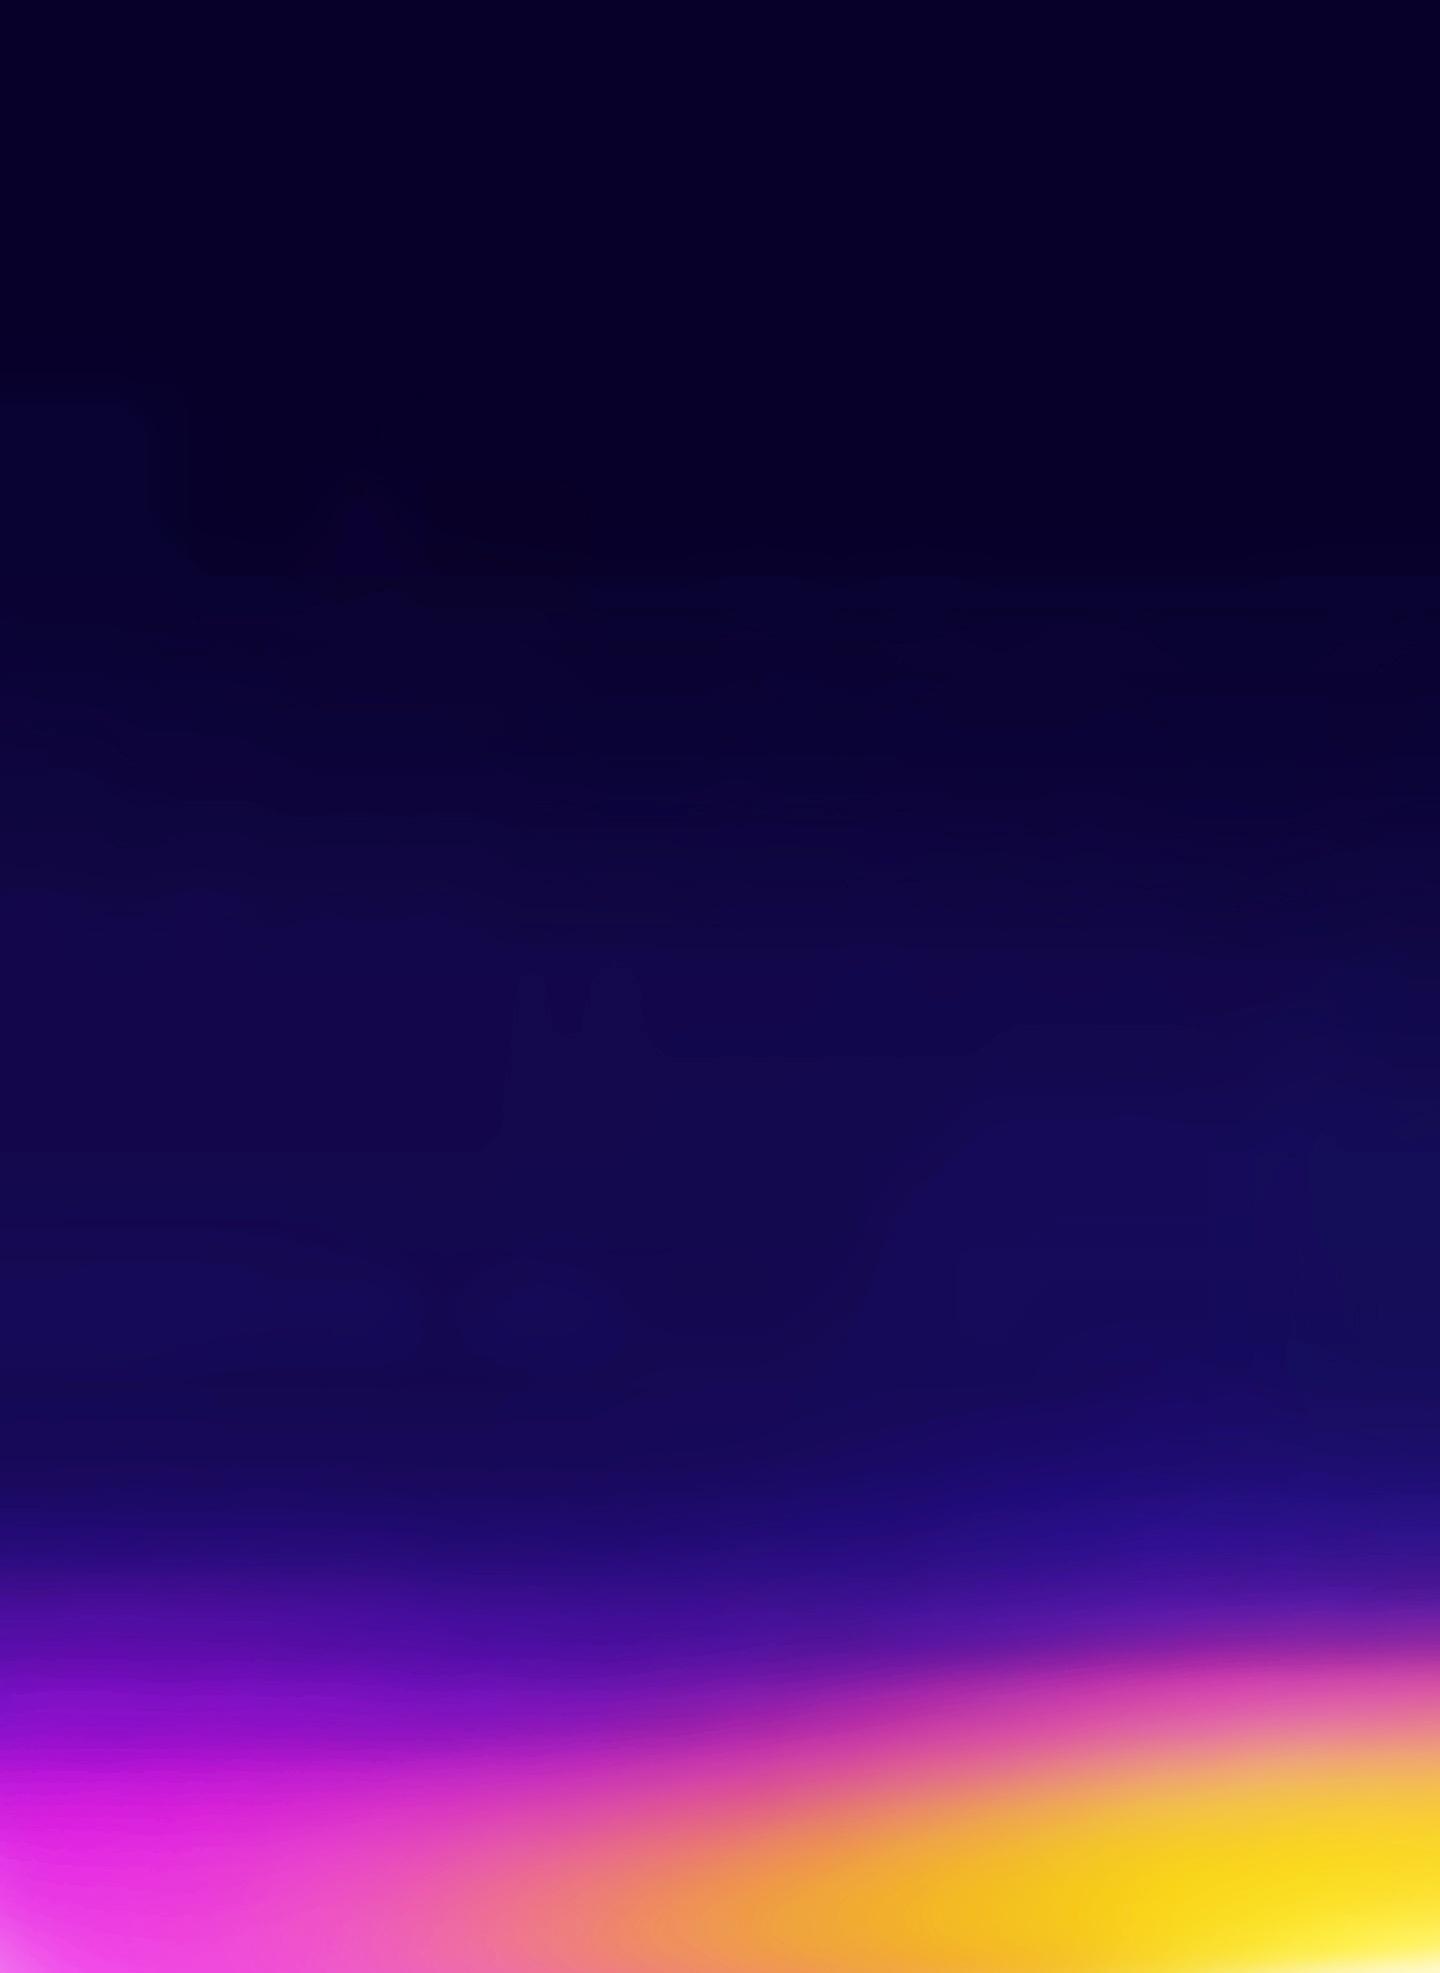 800096271-01.jpeg